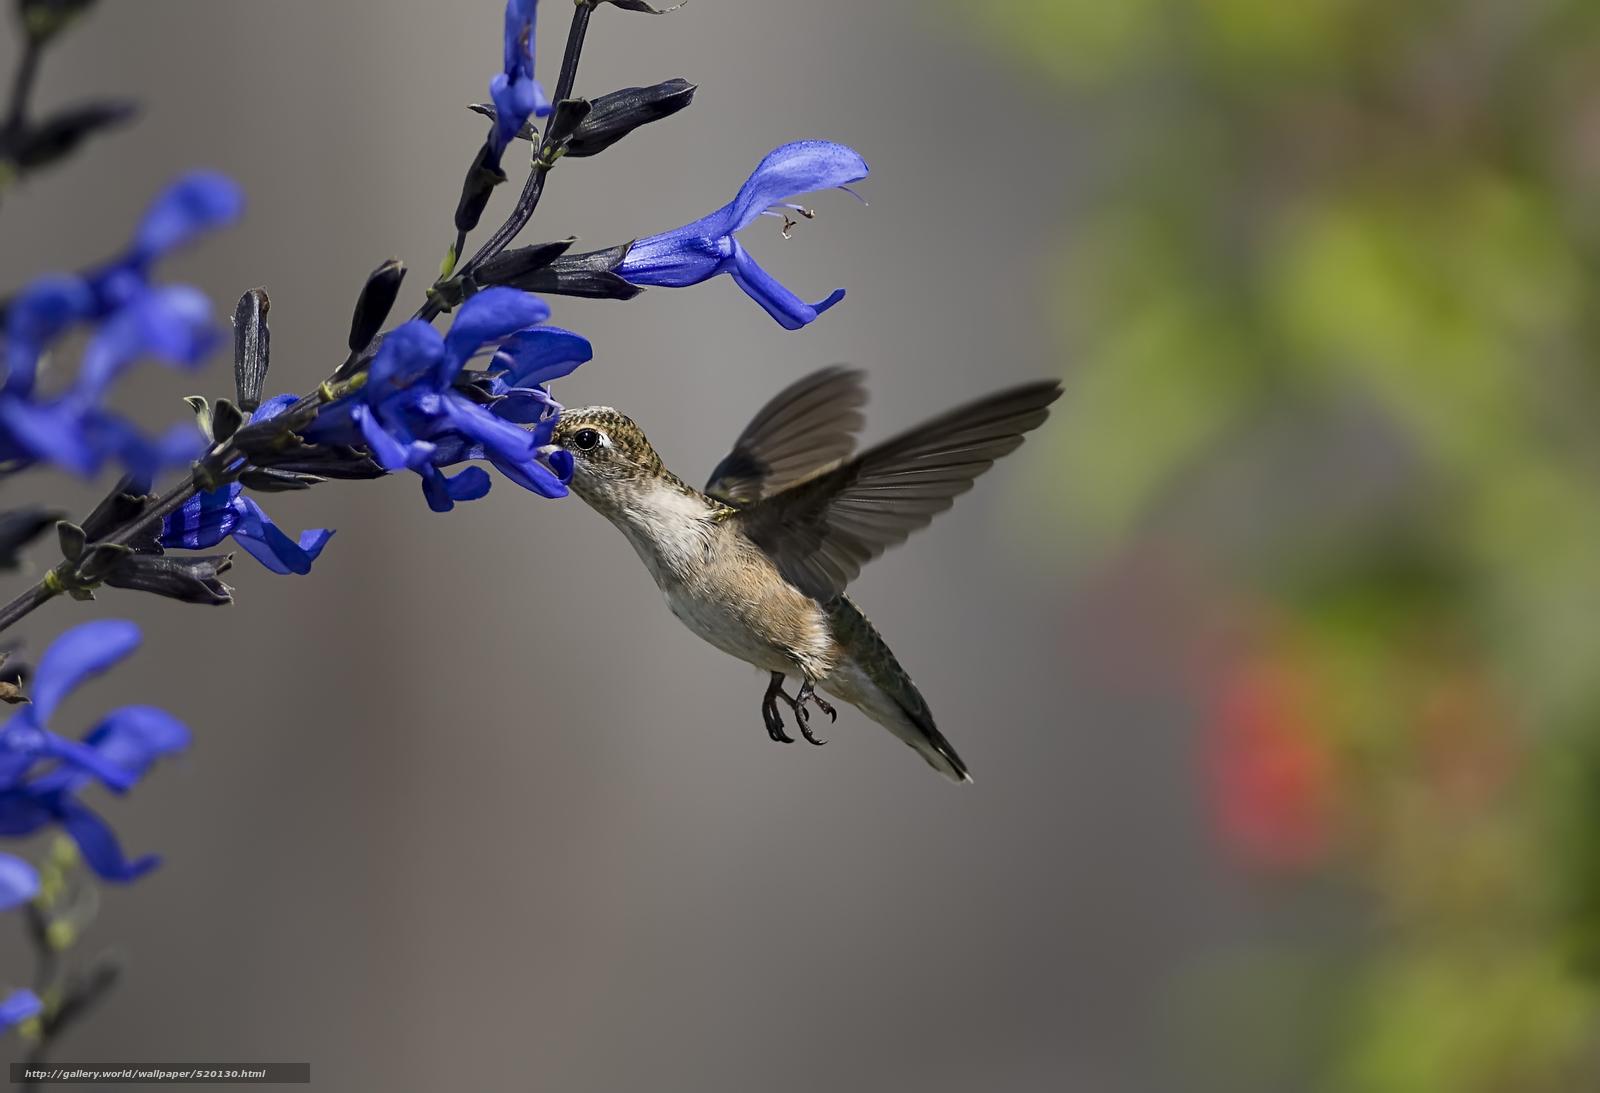 Tlcharger Fond D Ecran Oiseau Colibri Fleurs Nectar